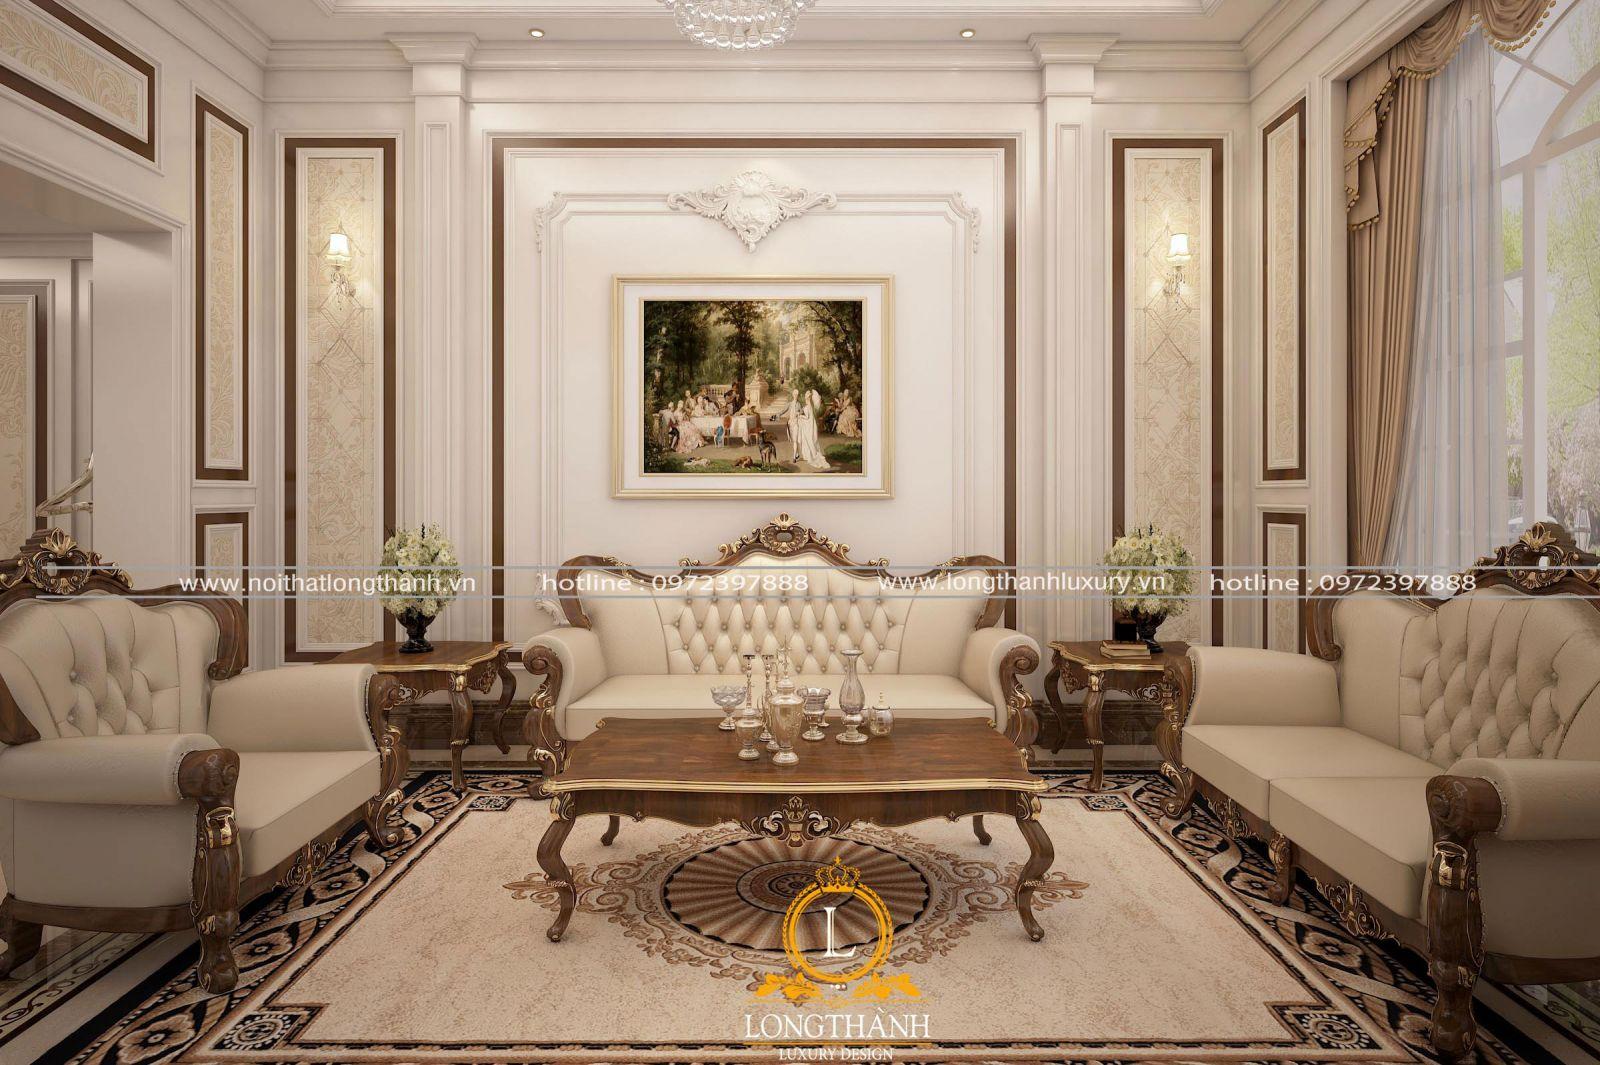 Bộ sofa tân cổ điển được thiết kế hoa văn đơn giản được sử dụng trong phòng khách